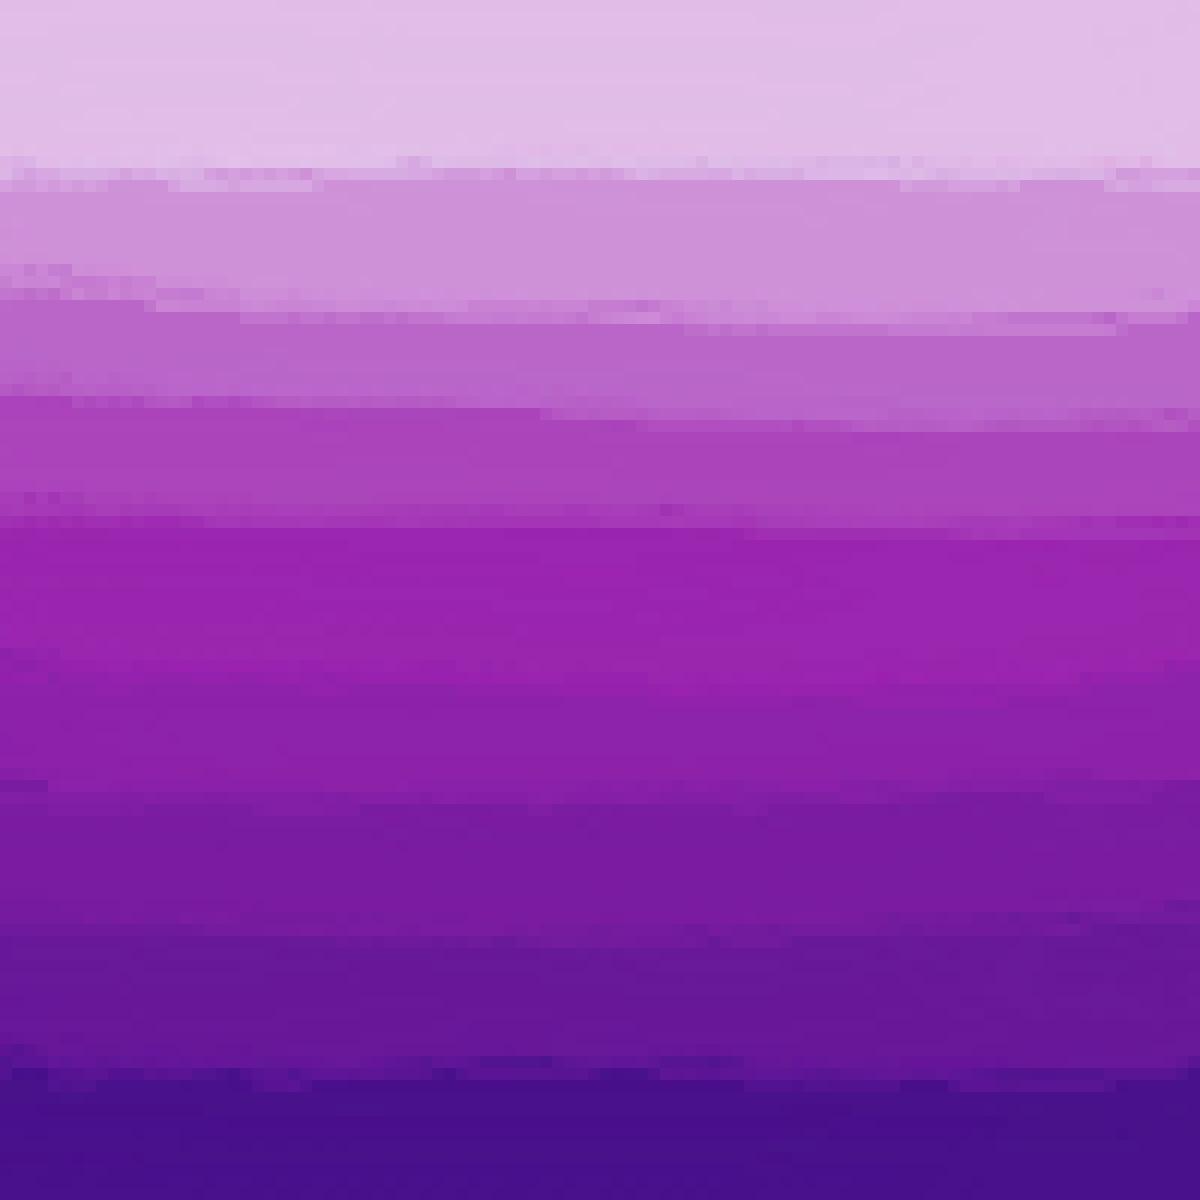 Shades of Purple by k-okayatpixel